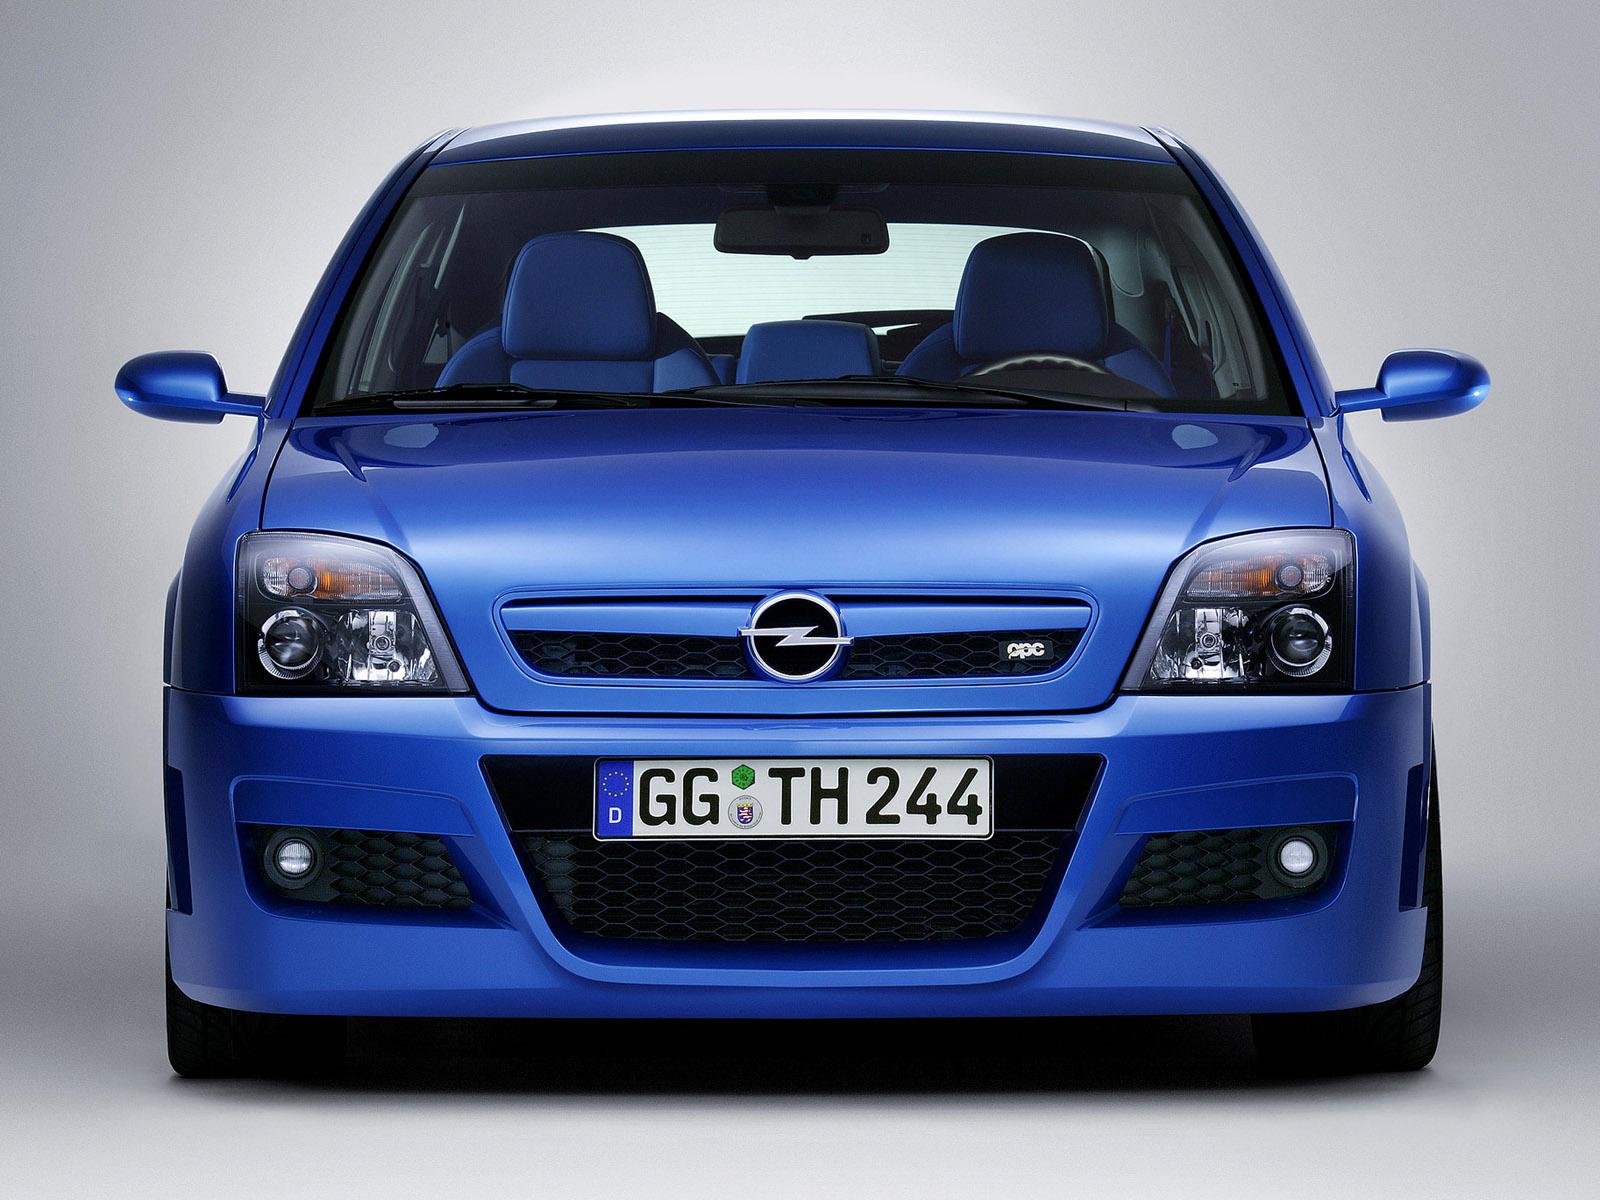 Opel Vectra OPC C Restyling 2005 - 2008 Hatchback 5 door #1